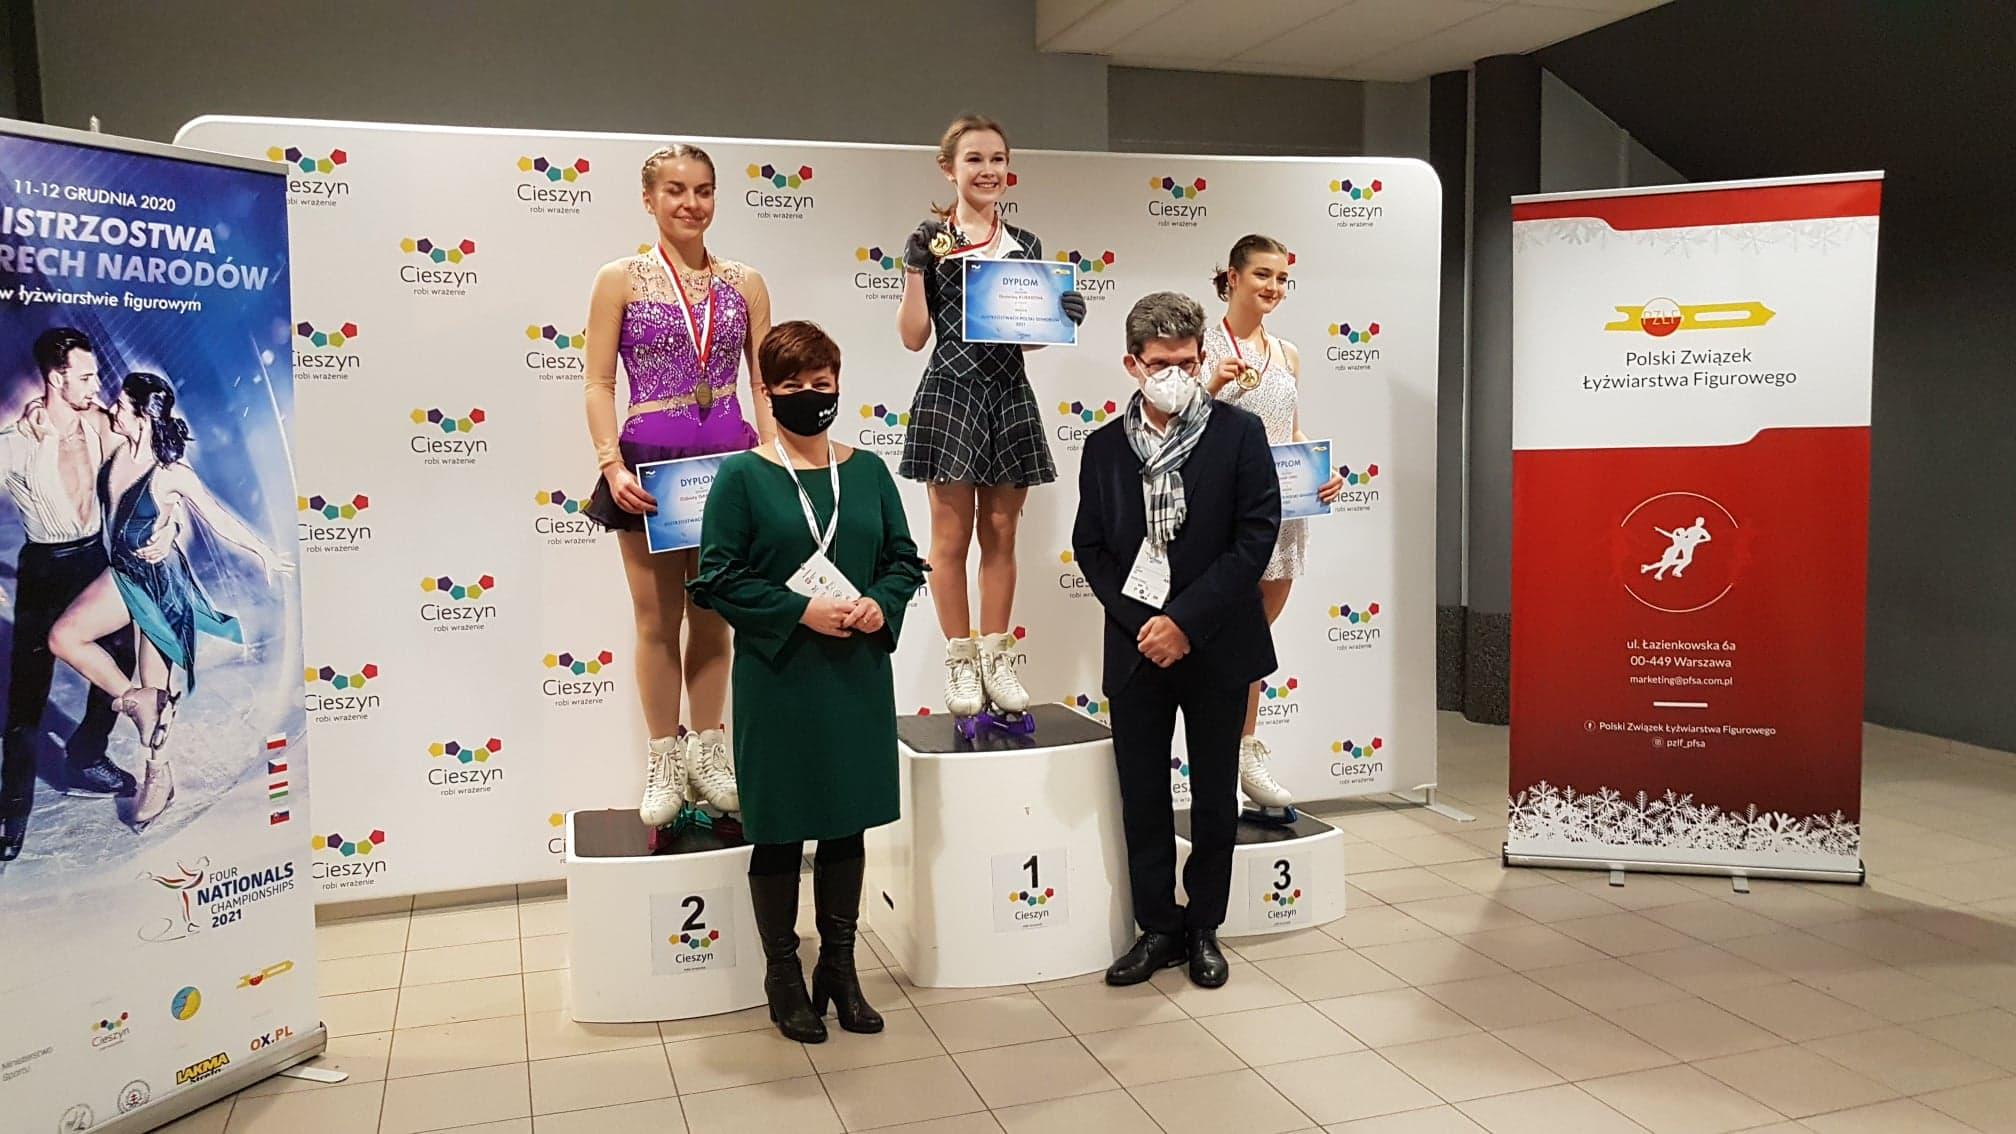 Wicemistrzyni Polski na rok 2021 wśród solistek - Elżbieta Gabryszak (na drugim stopniu podium) z oświęcimskiej Soły. Fot. zbiory klubu/nadesłane